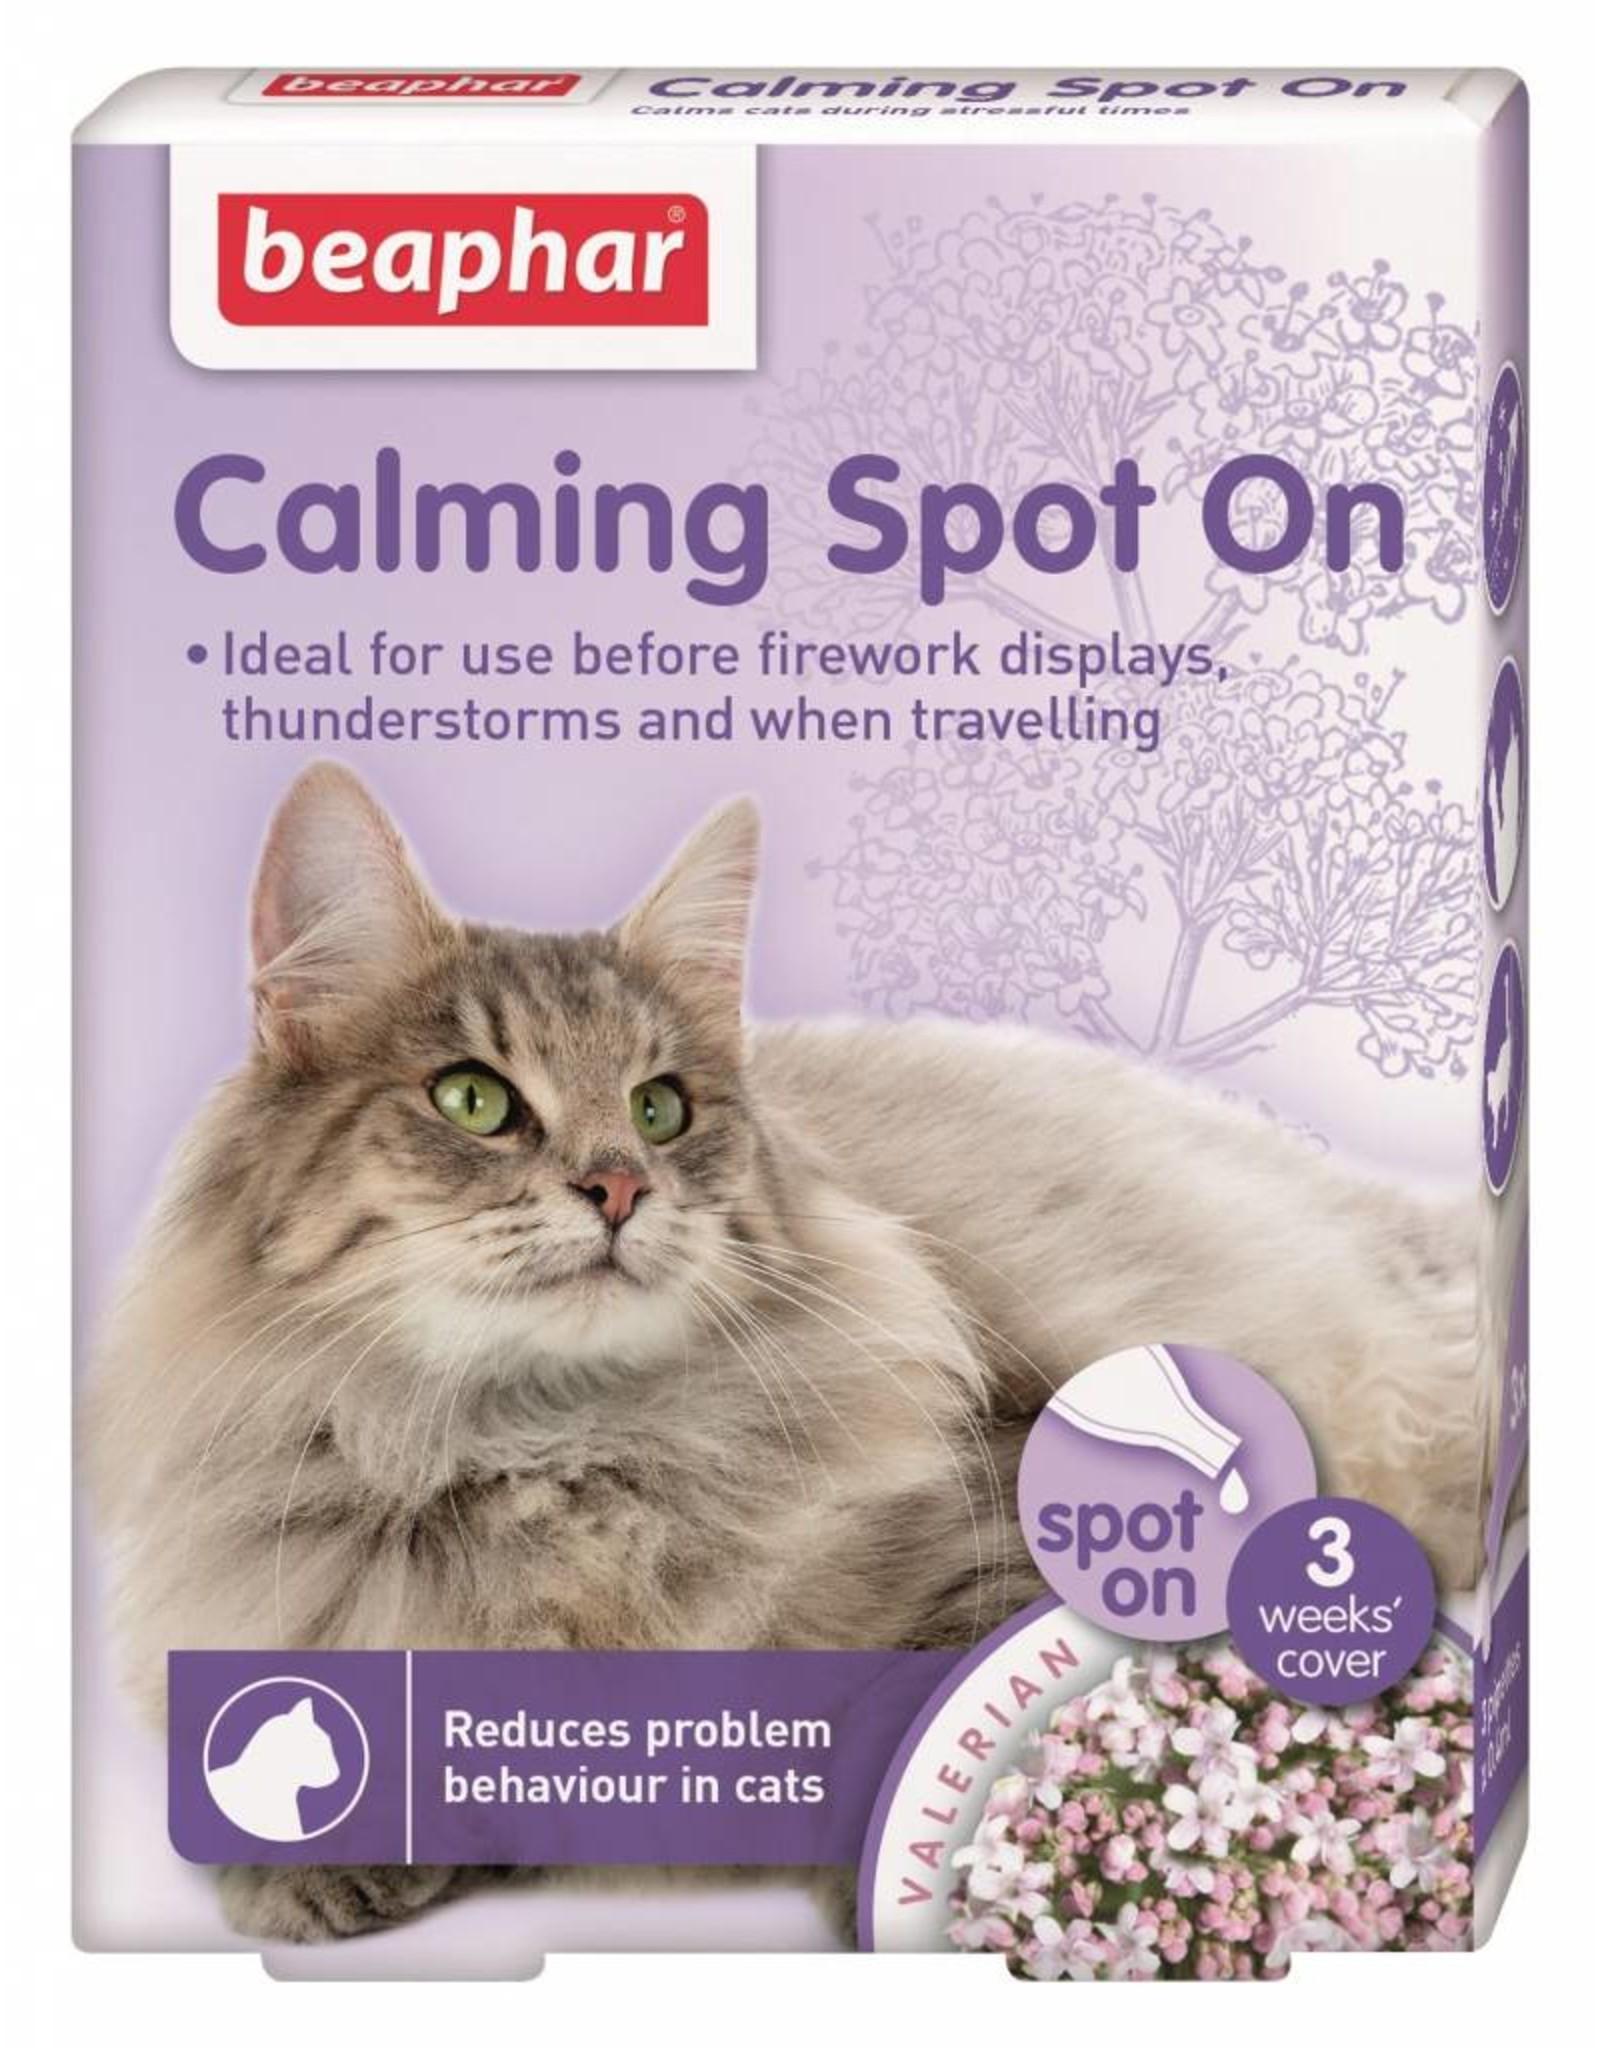 Beaphar Calming Spot On for Cats